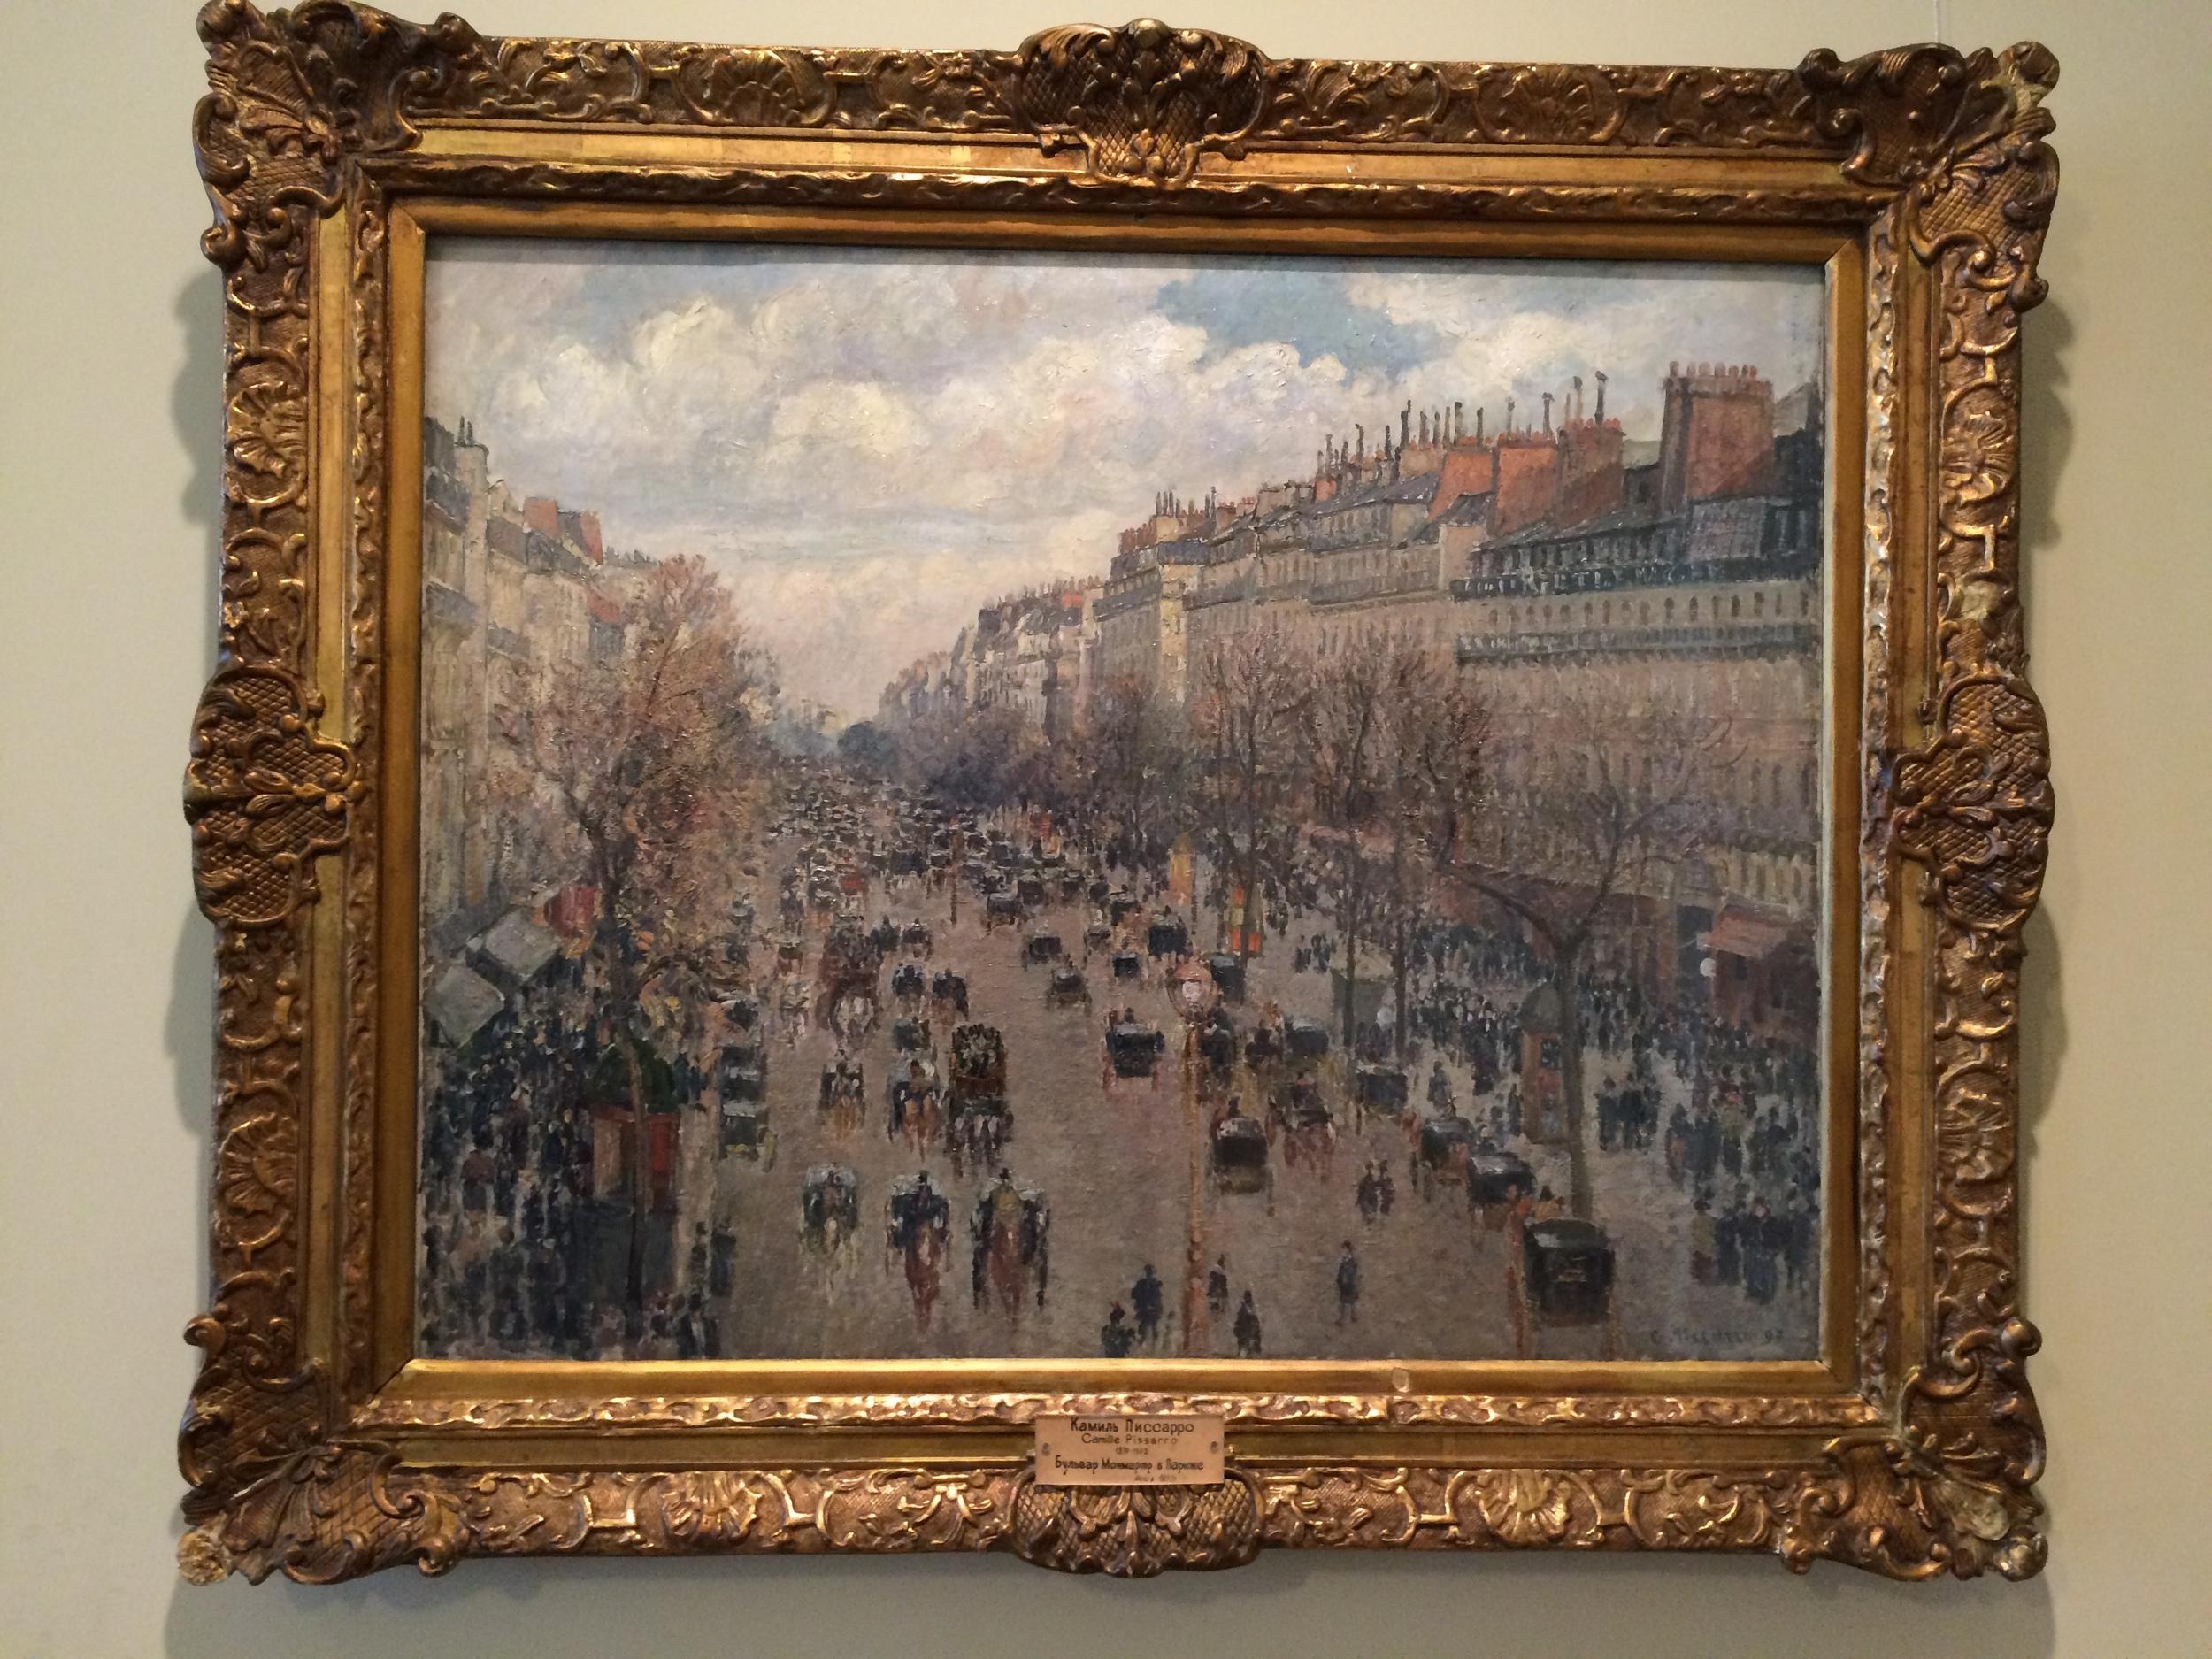 """Рис. 5аКамиль Писсаро """"Бульвар Монмартр в Париже"""" (1897)"""